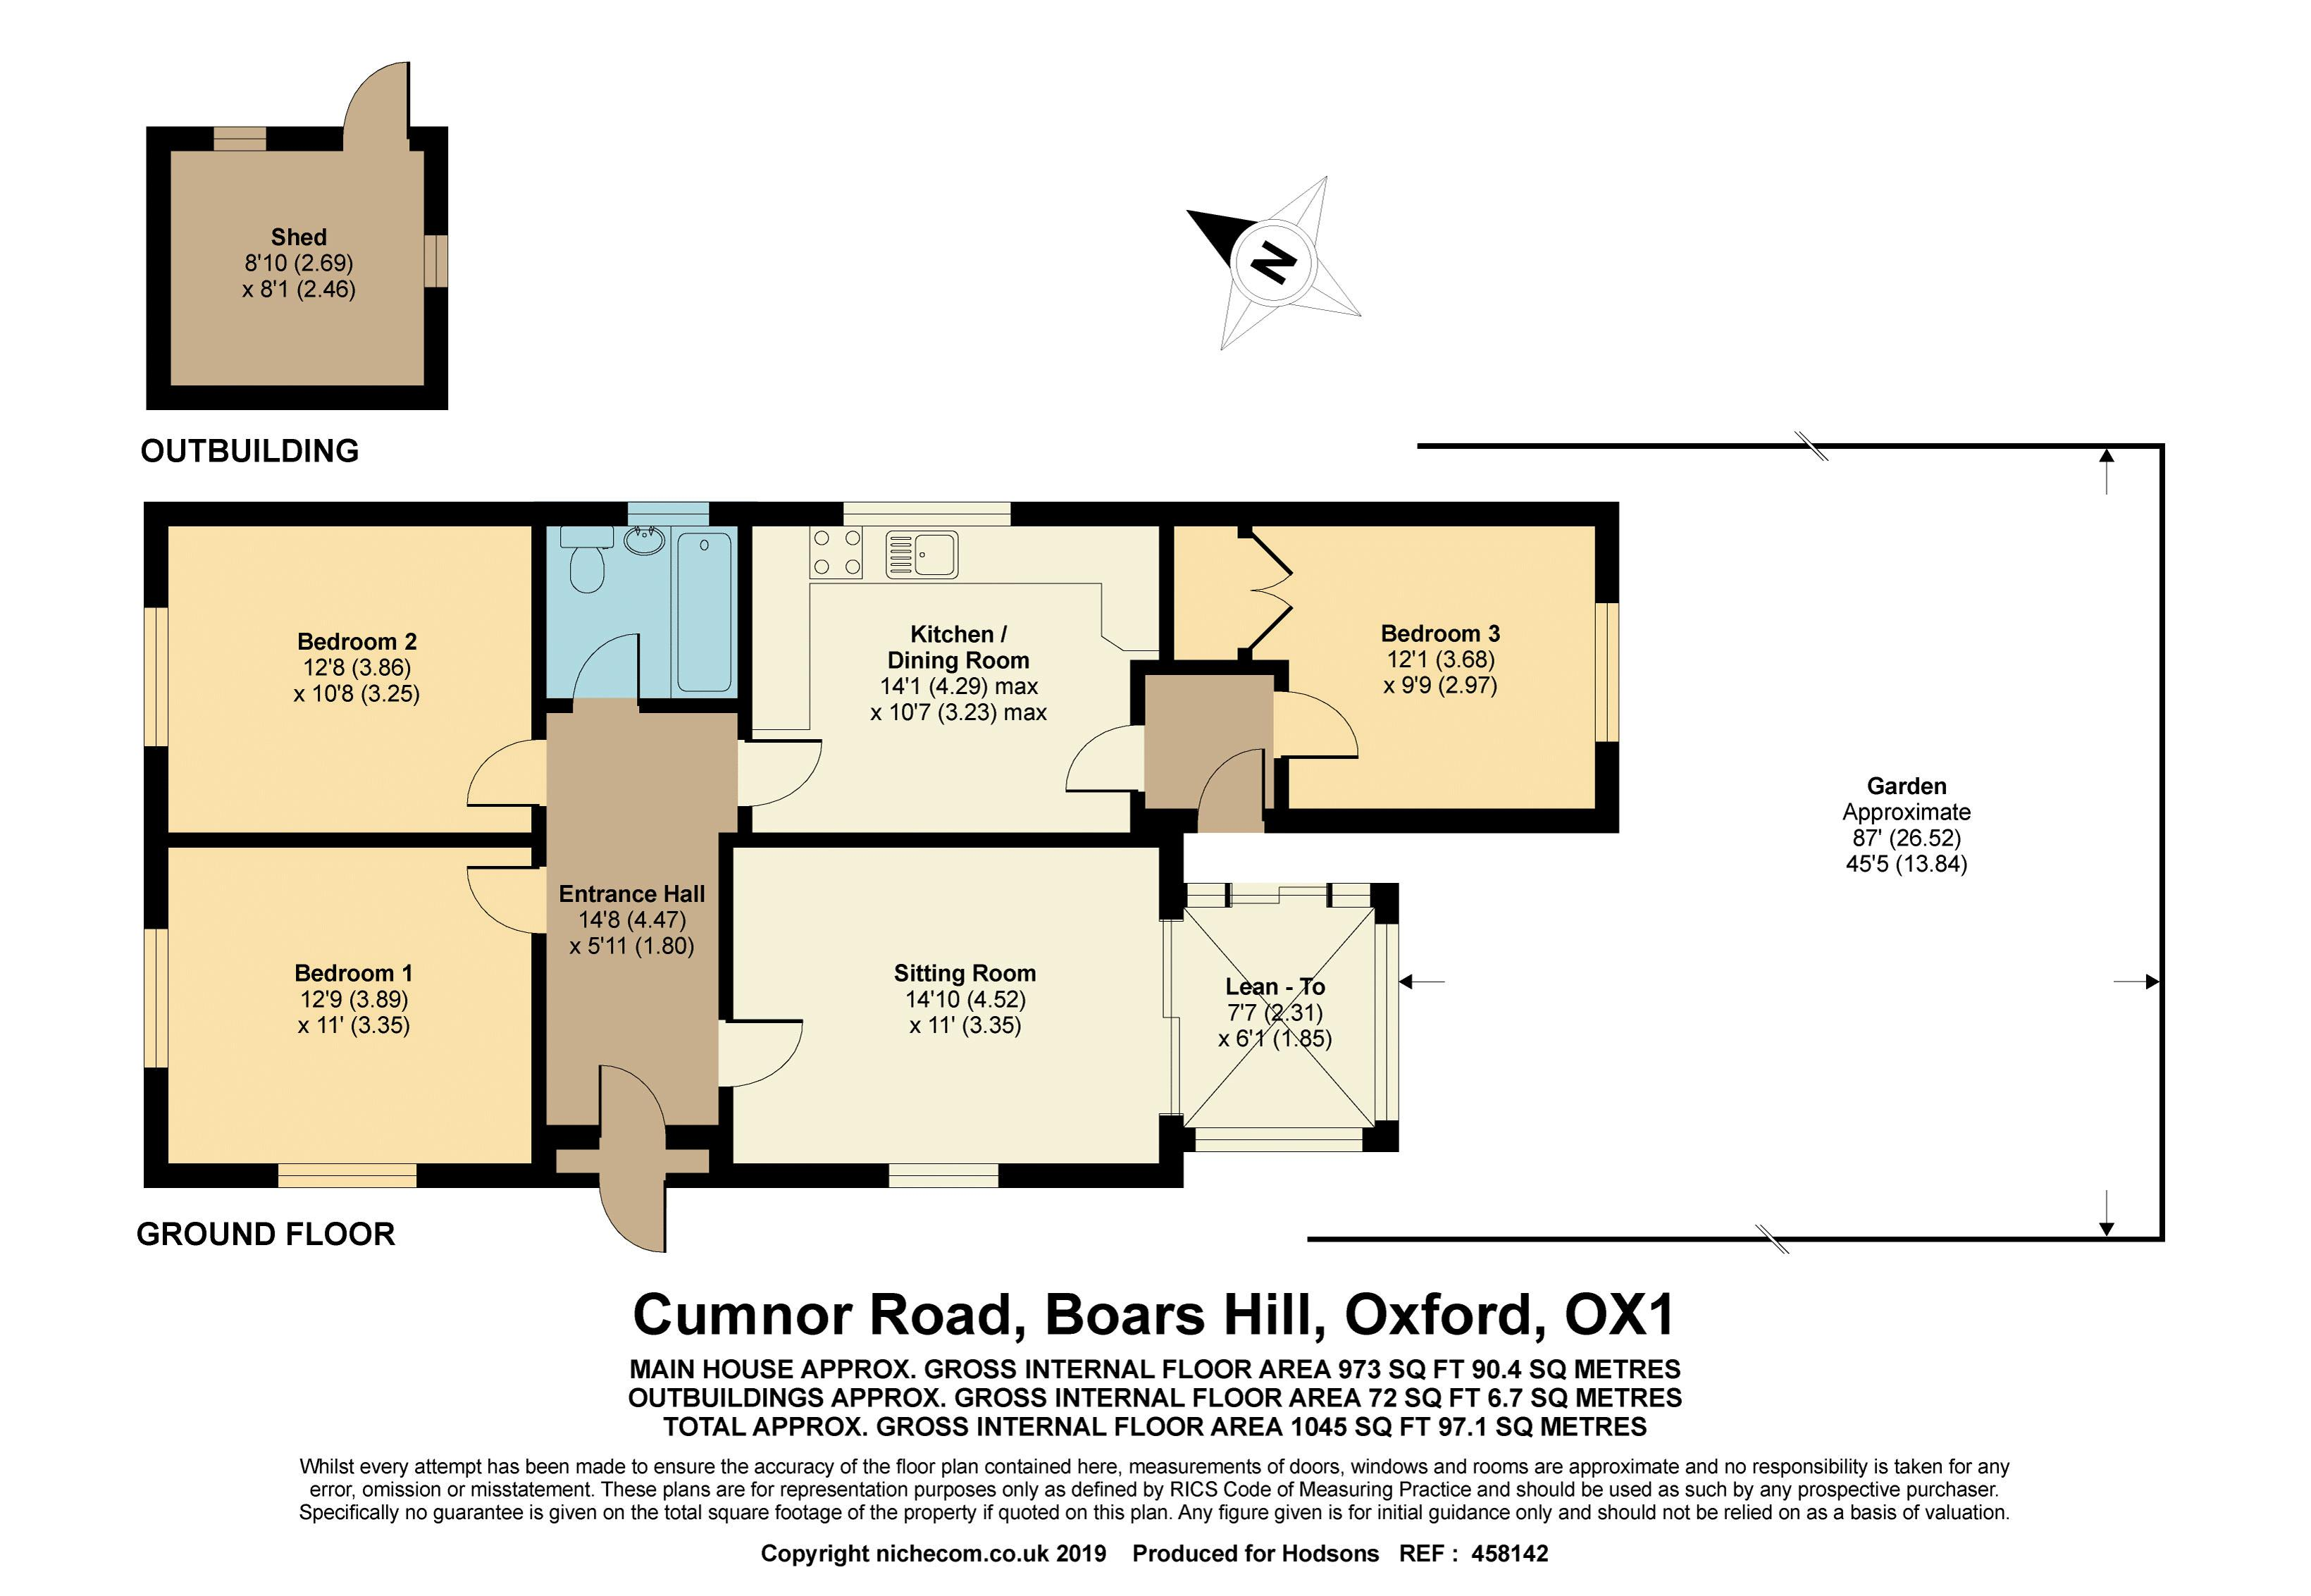 Cumnor Road Boars Hill